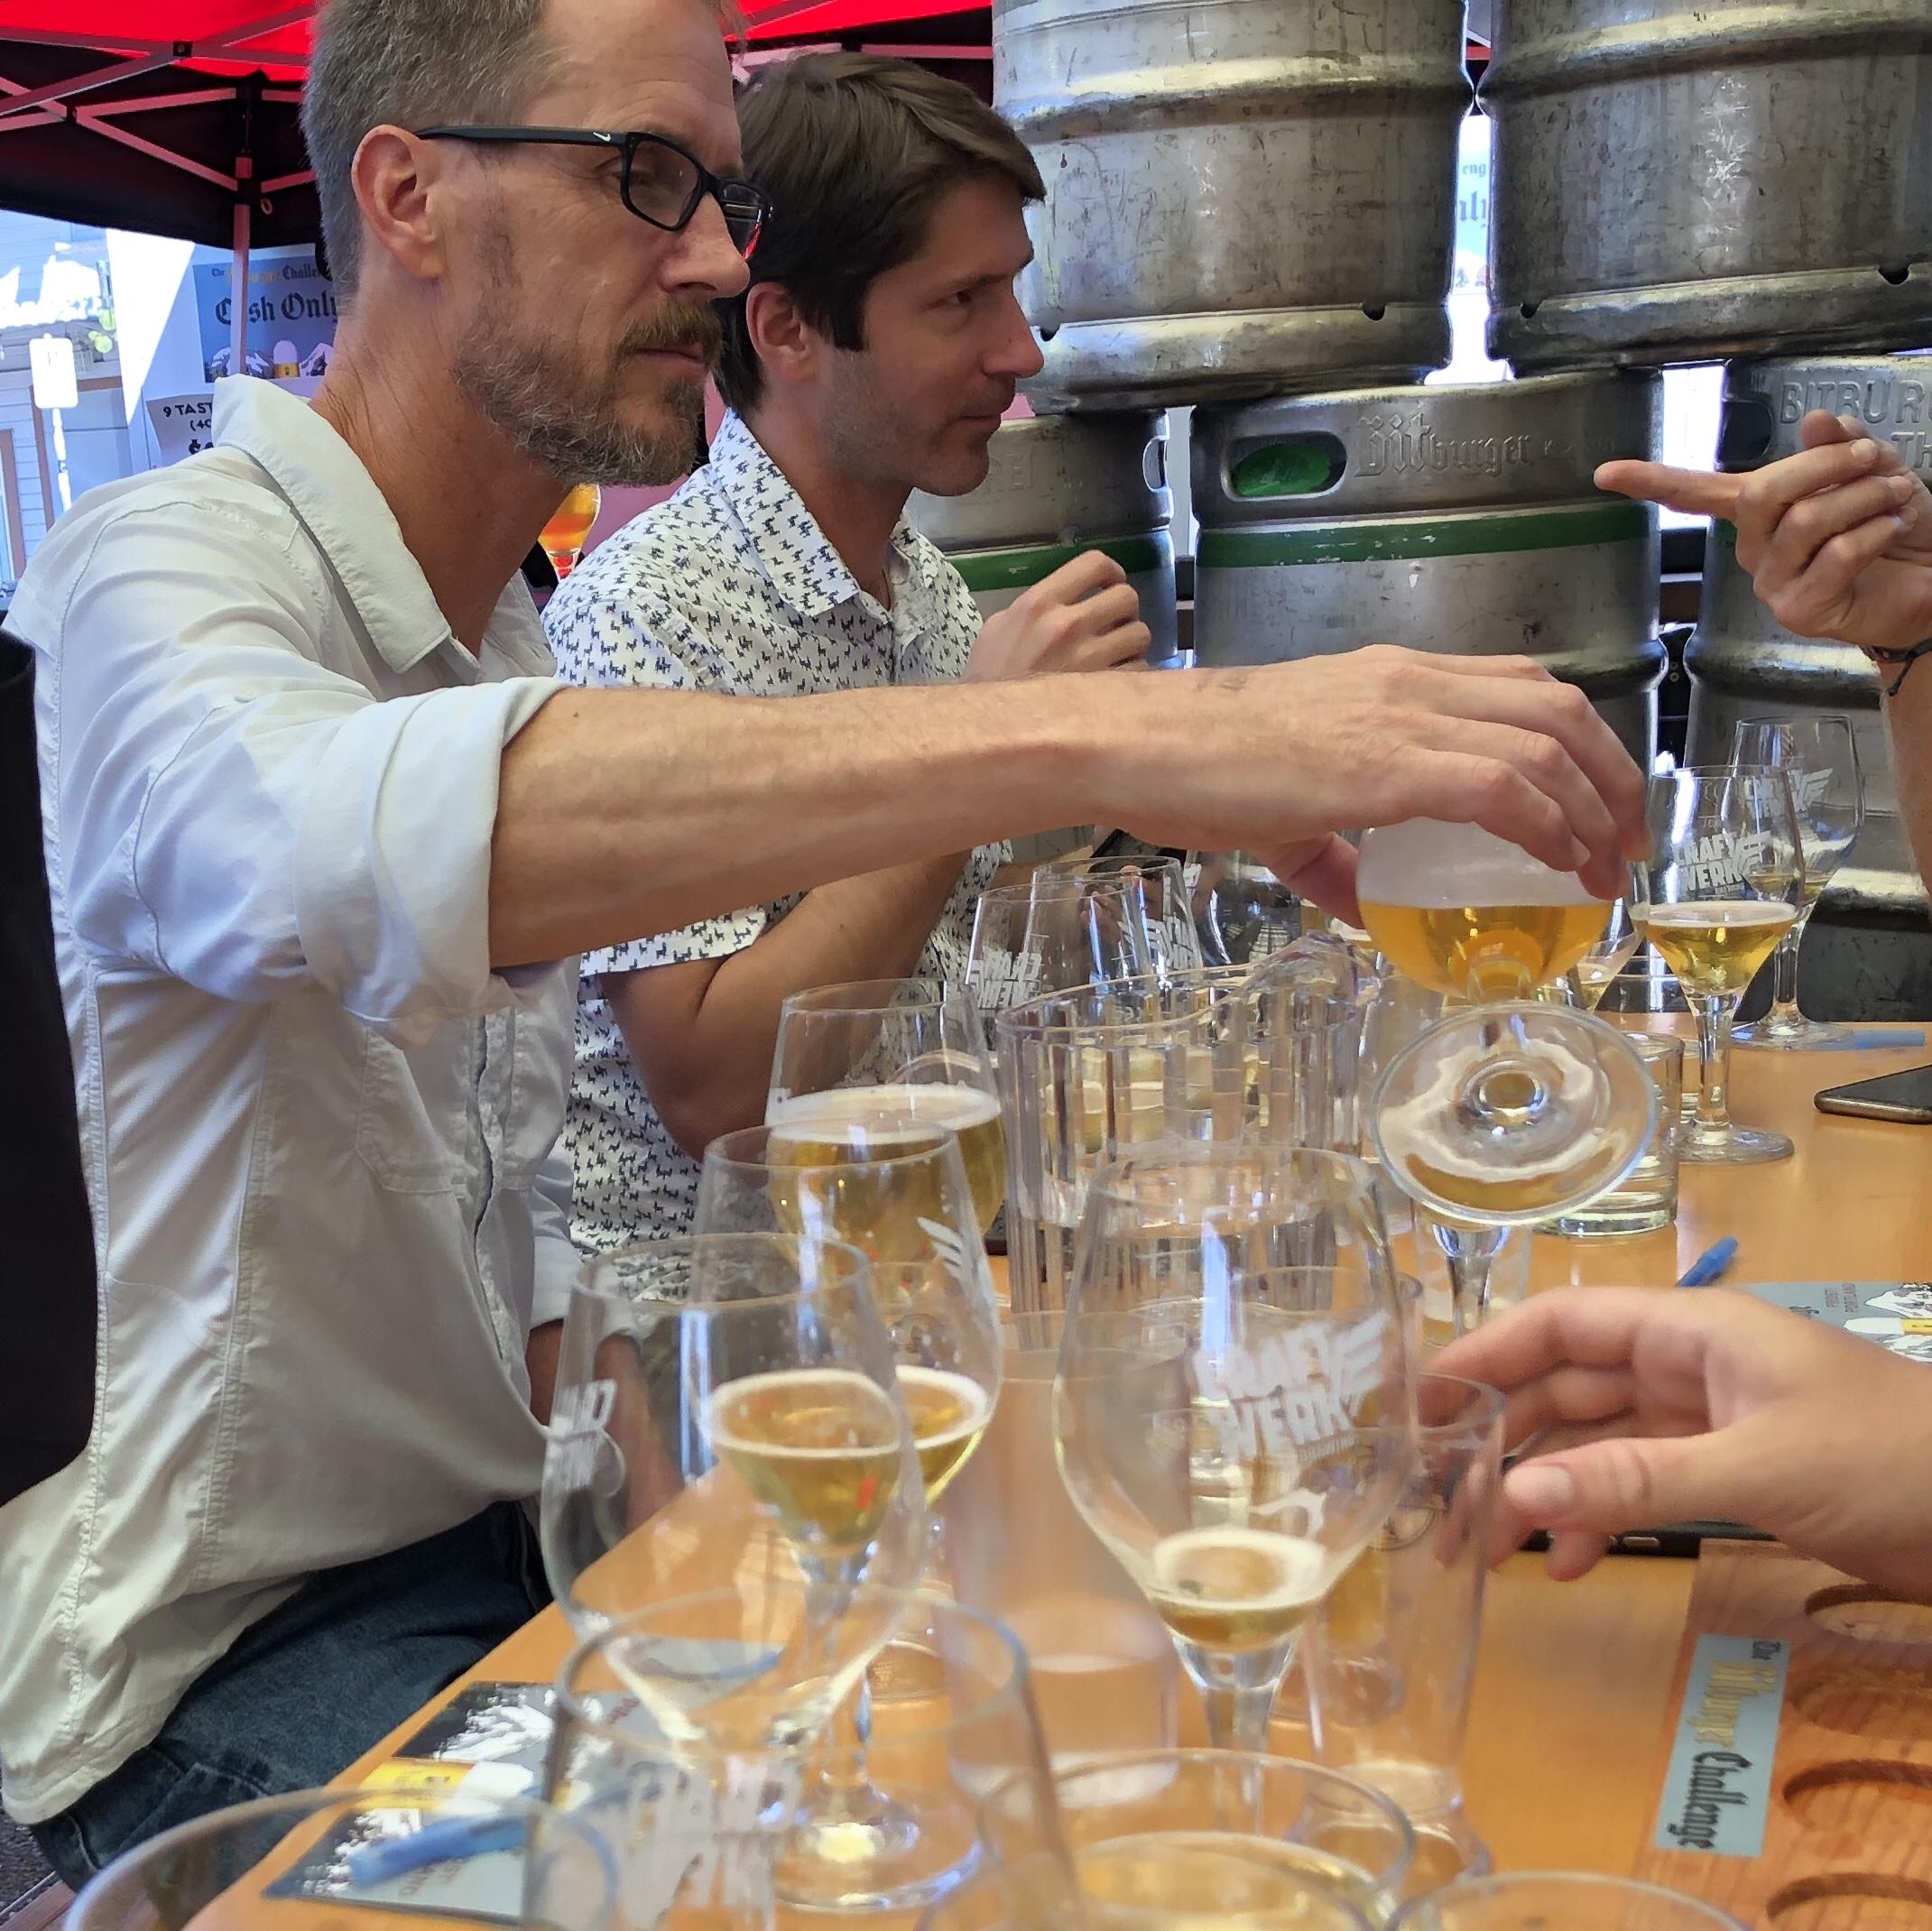 Tom Shellhammer (left) and Ben Keene judging beer.